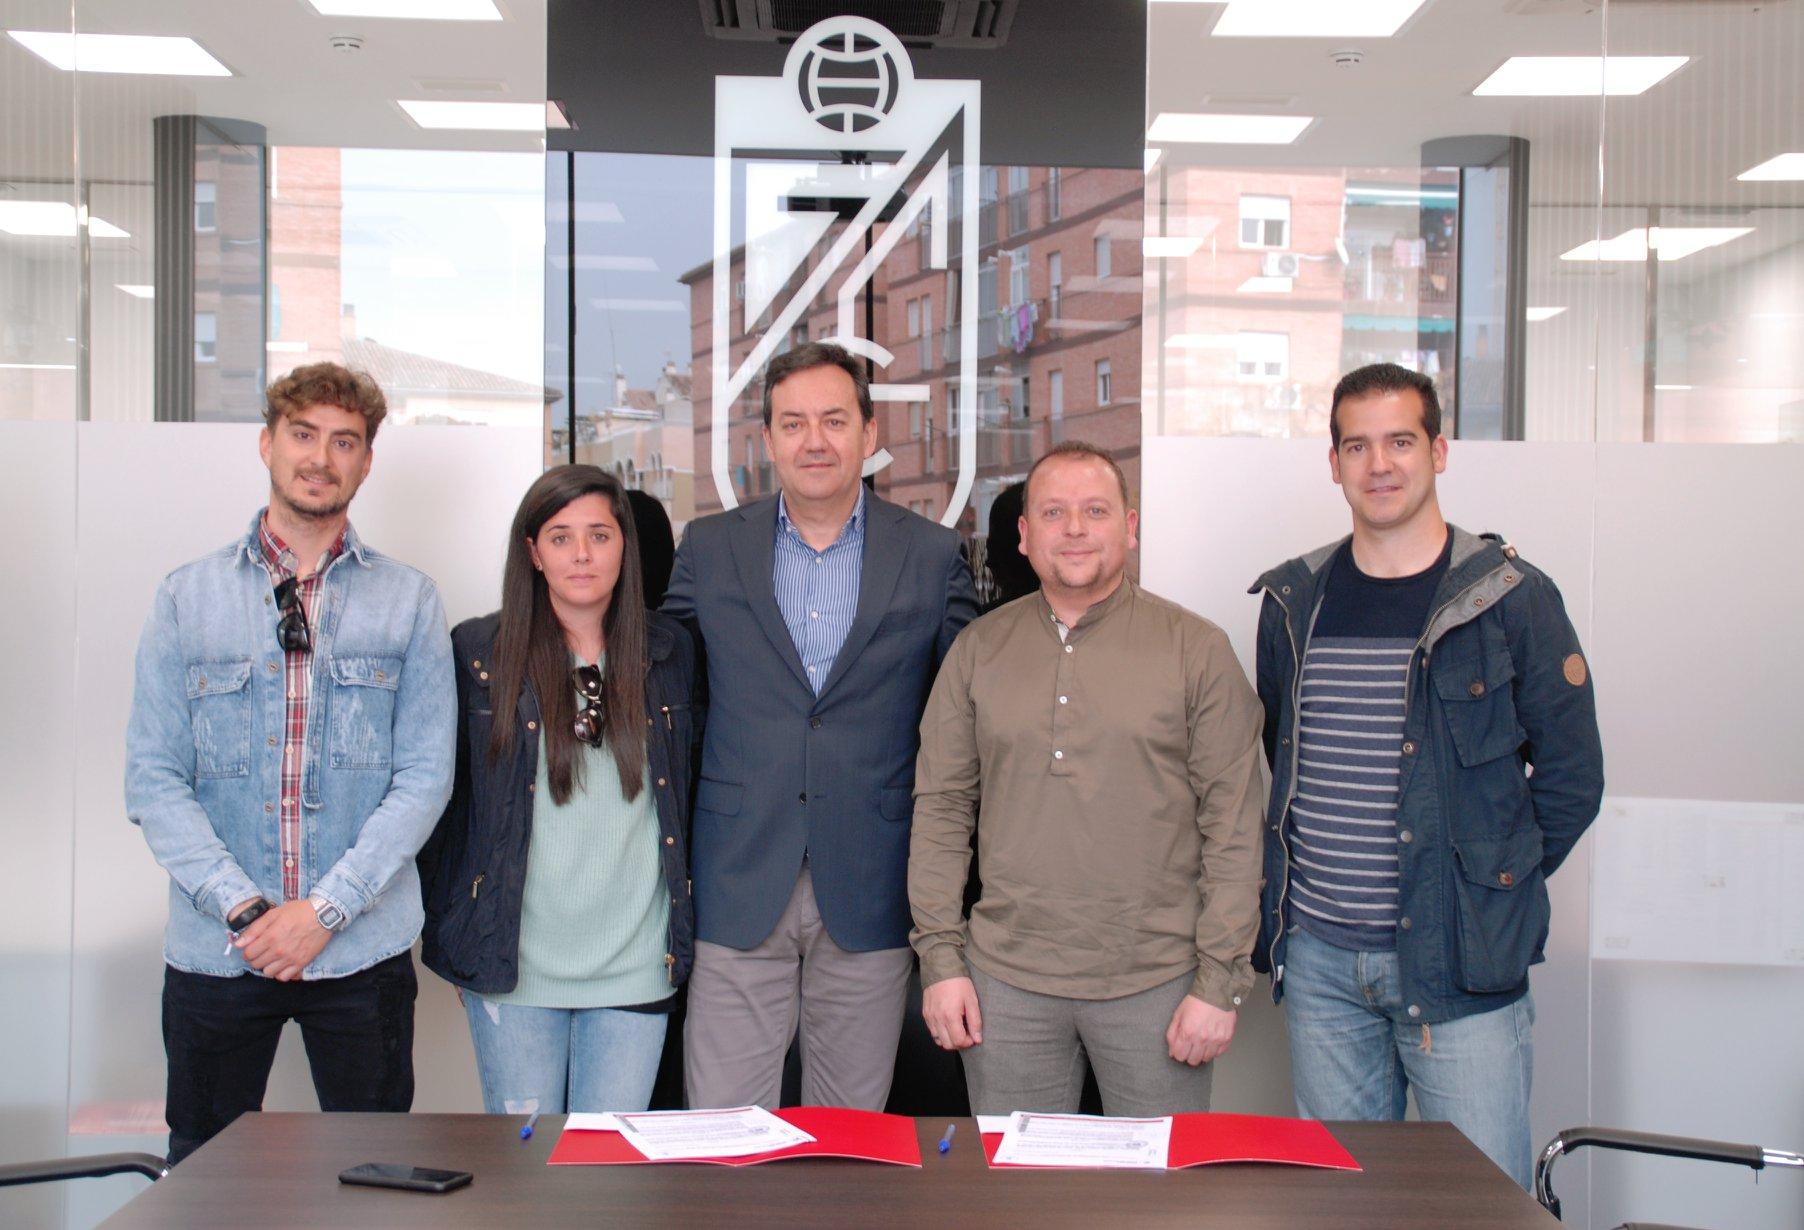 Los vecinos de Cúllar Vega disfrutarán de descuentos en los partidos del Granada CF